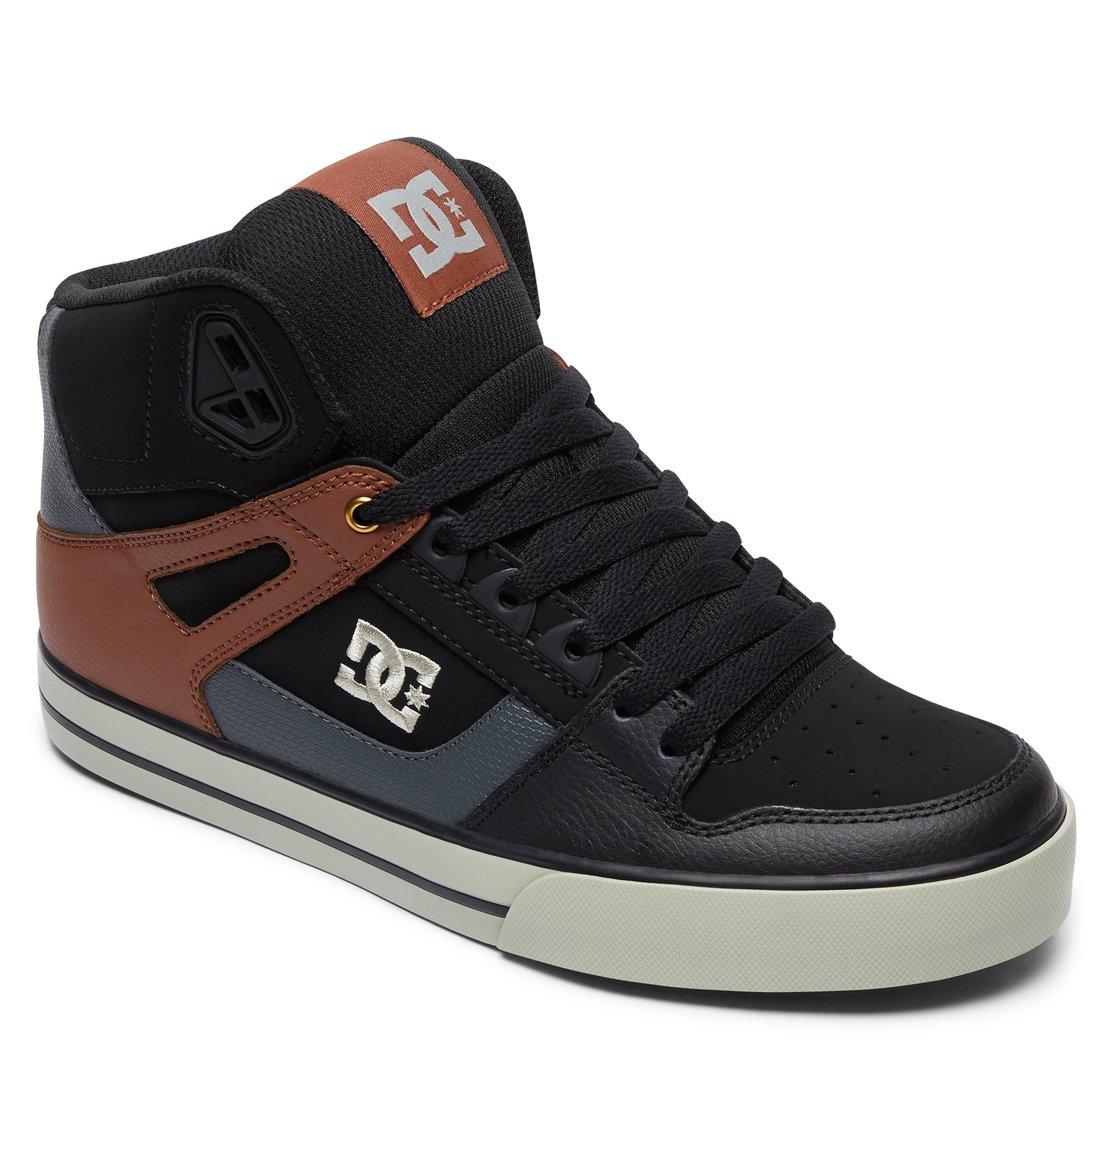 Dc Shoes Spartan Wc High Se